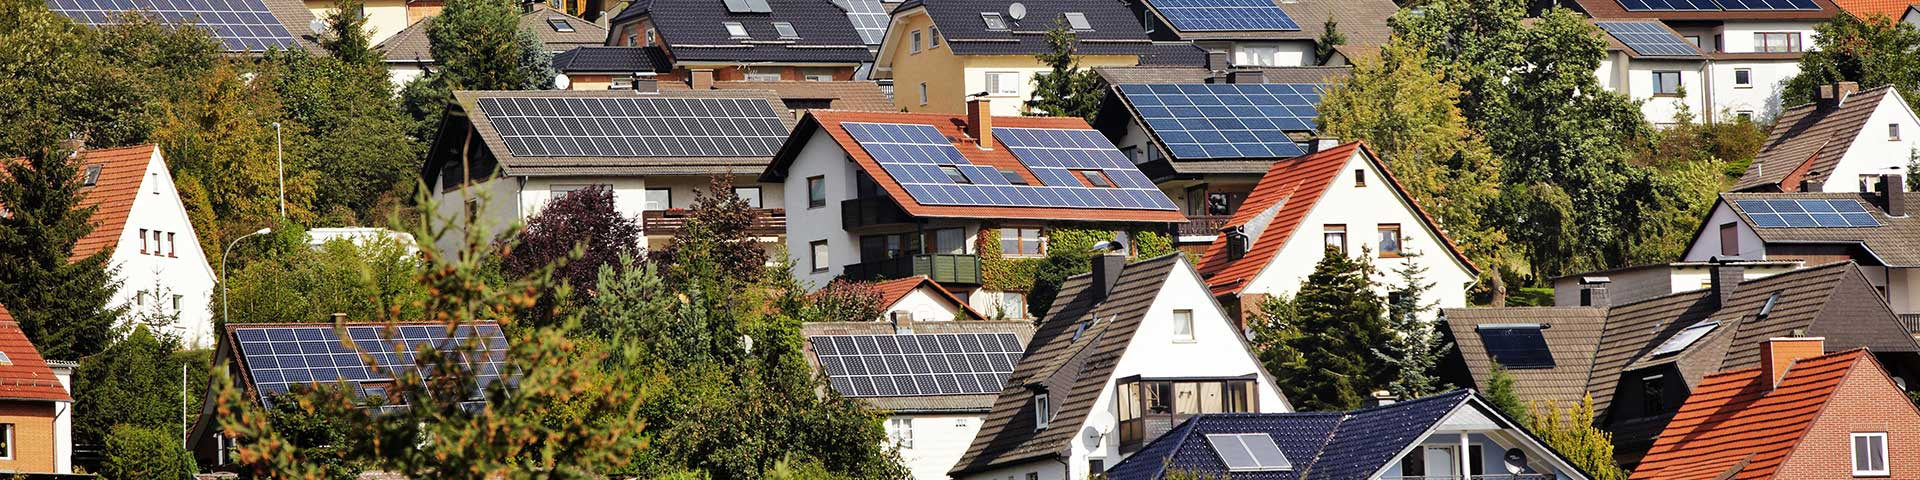 domy z zainstalowanymi na dachach panelami fotowoltaicznymi